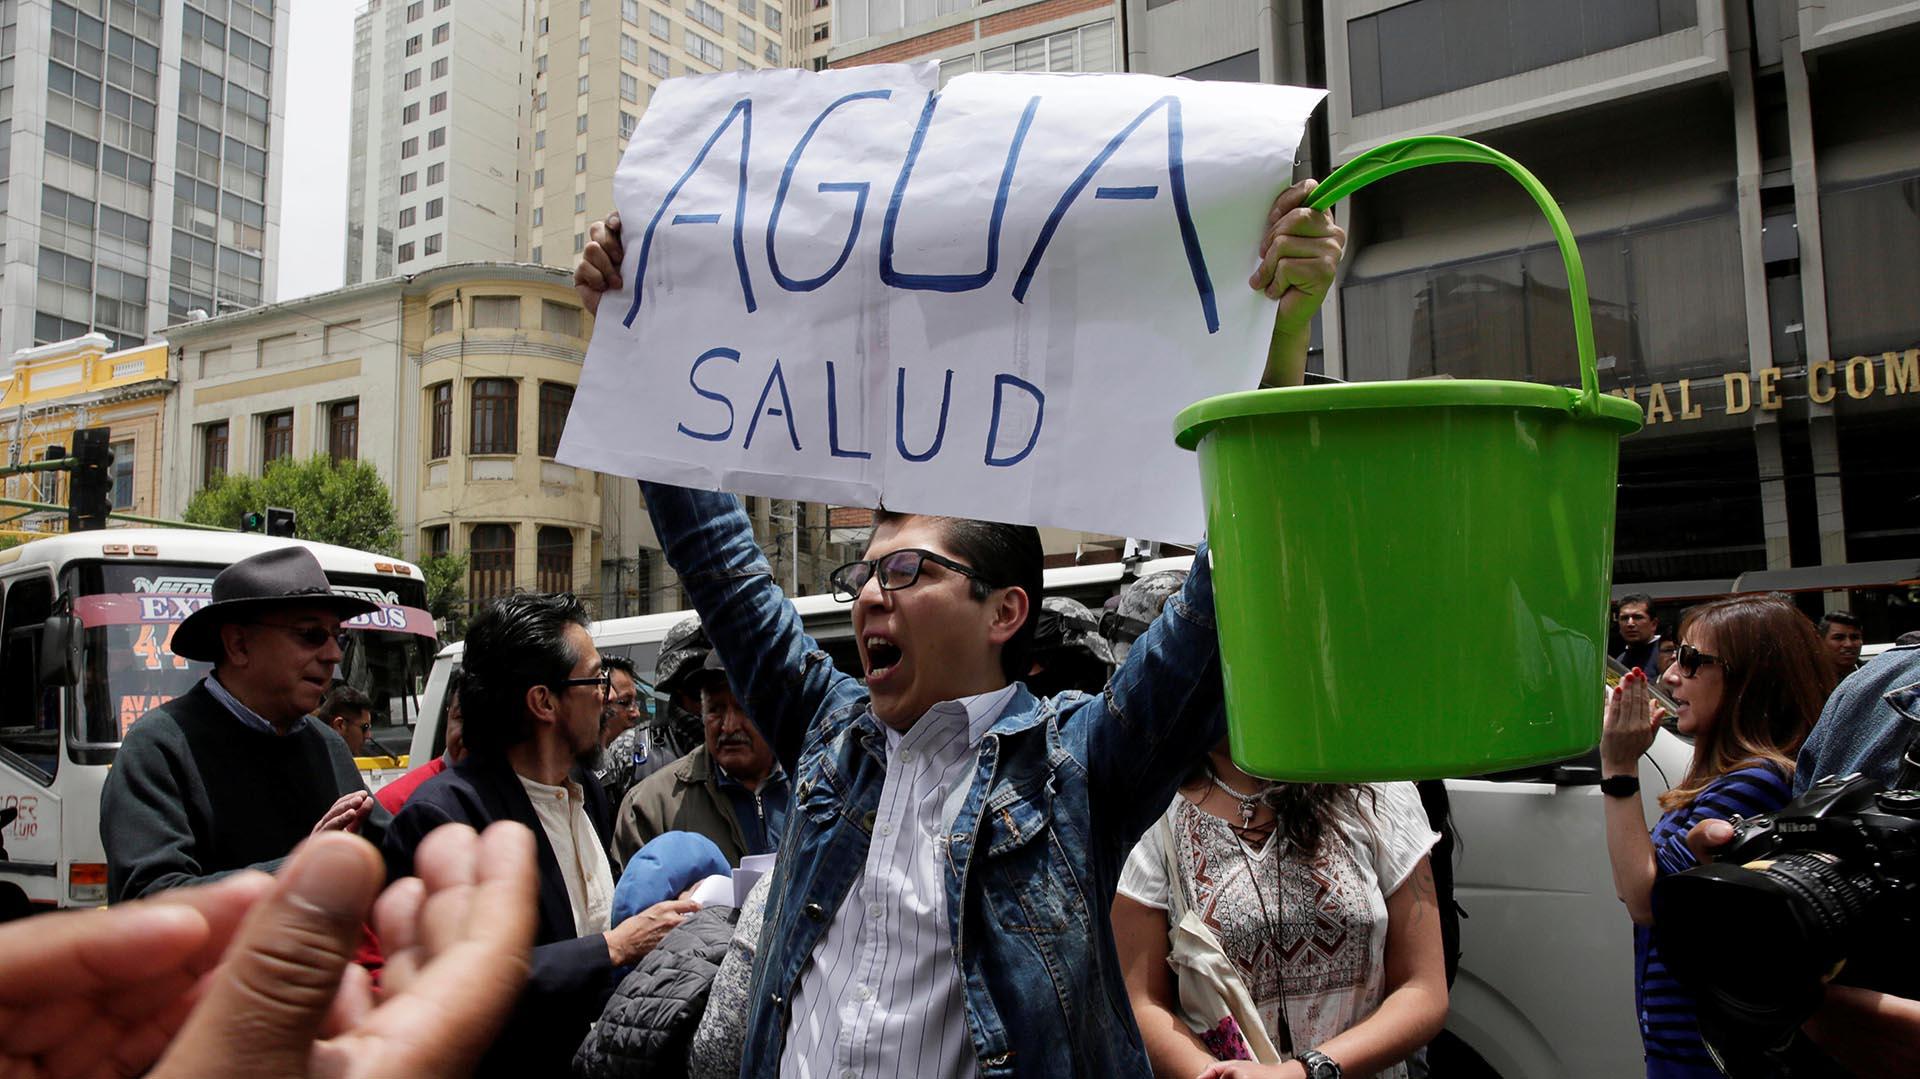 """El presidente Morales rechazó esas suposiciones y afirmó que """"no hay ninguna empresa china en toda esta región"""", ni ninguna firma minera que esté desviando el agua destinada a La Paz (Reuters)"""